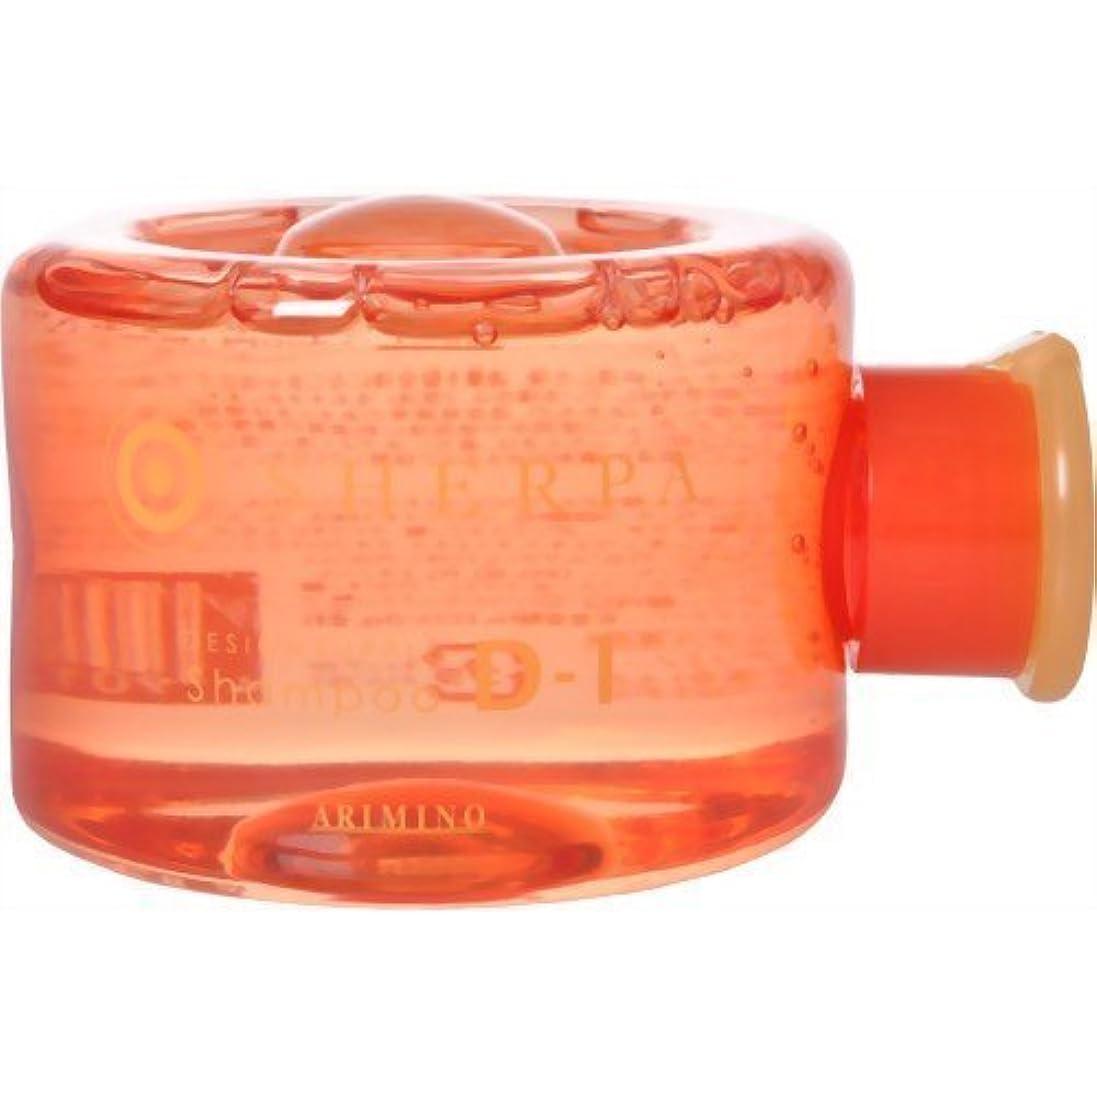 倉庫識別するまどろみのあるシェルパ デザインサプリ シャンプー D-1 280ml